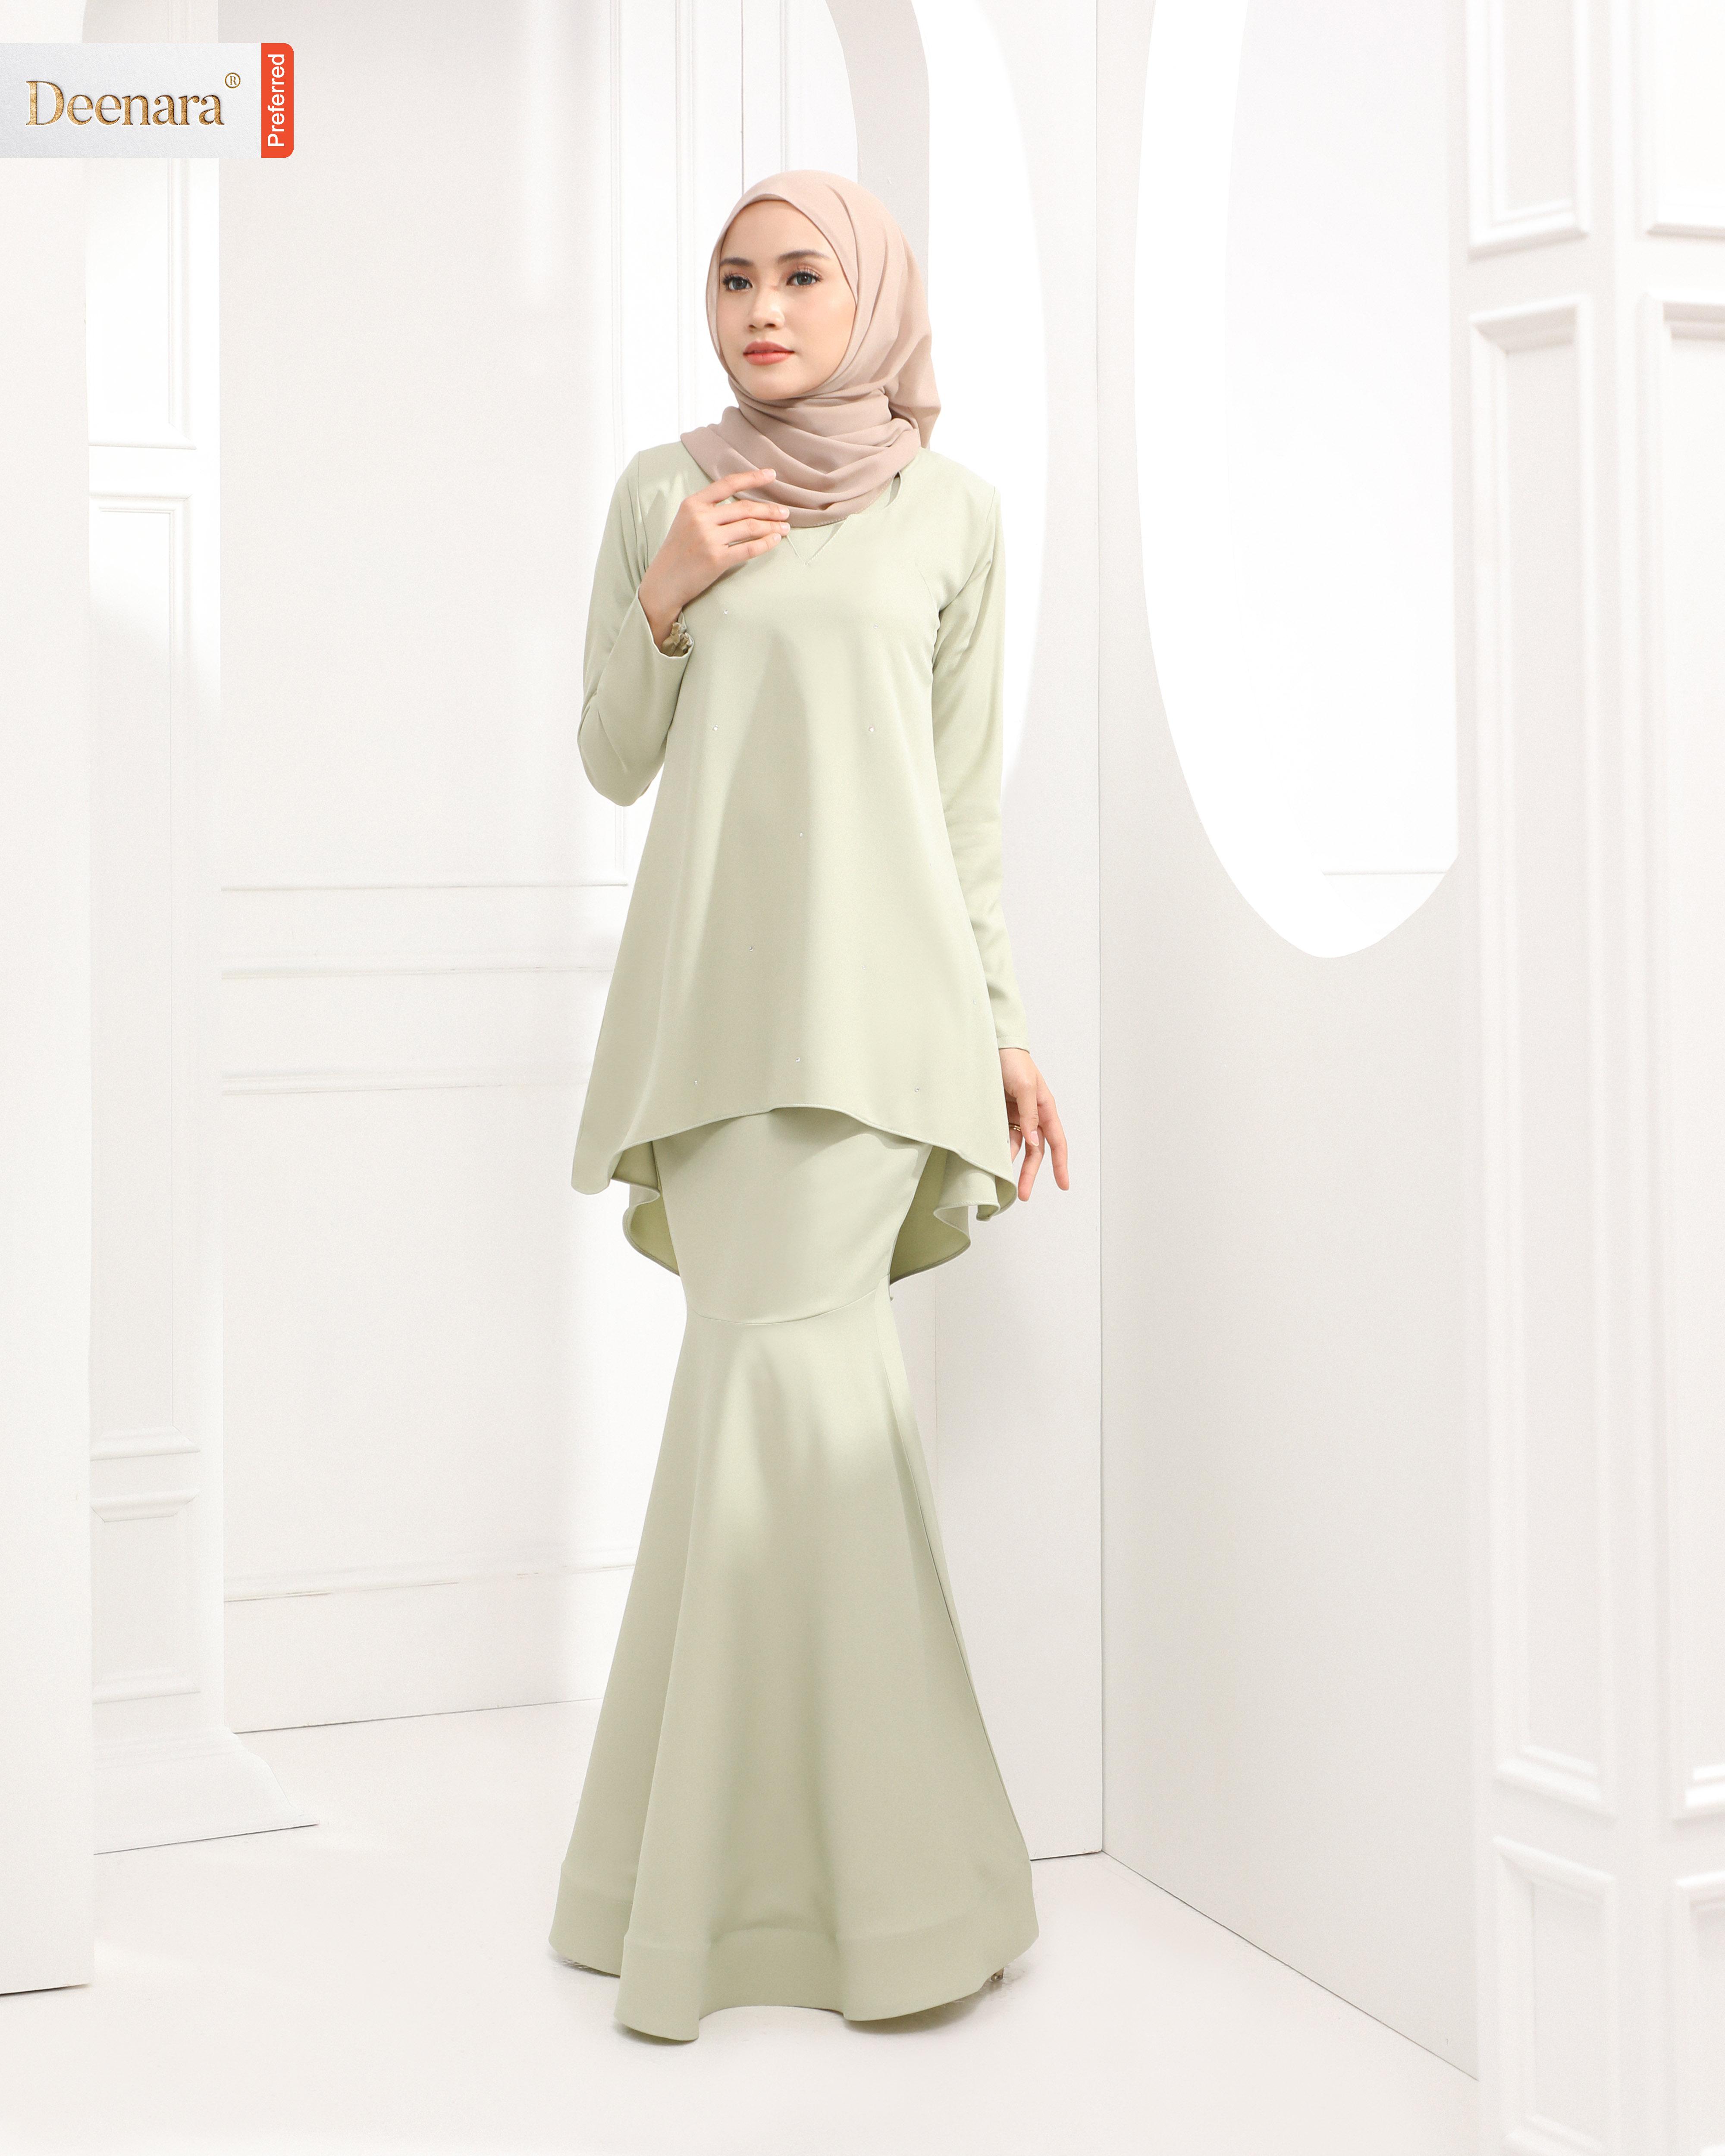 Ollivia - Soft Olive